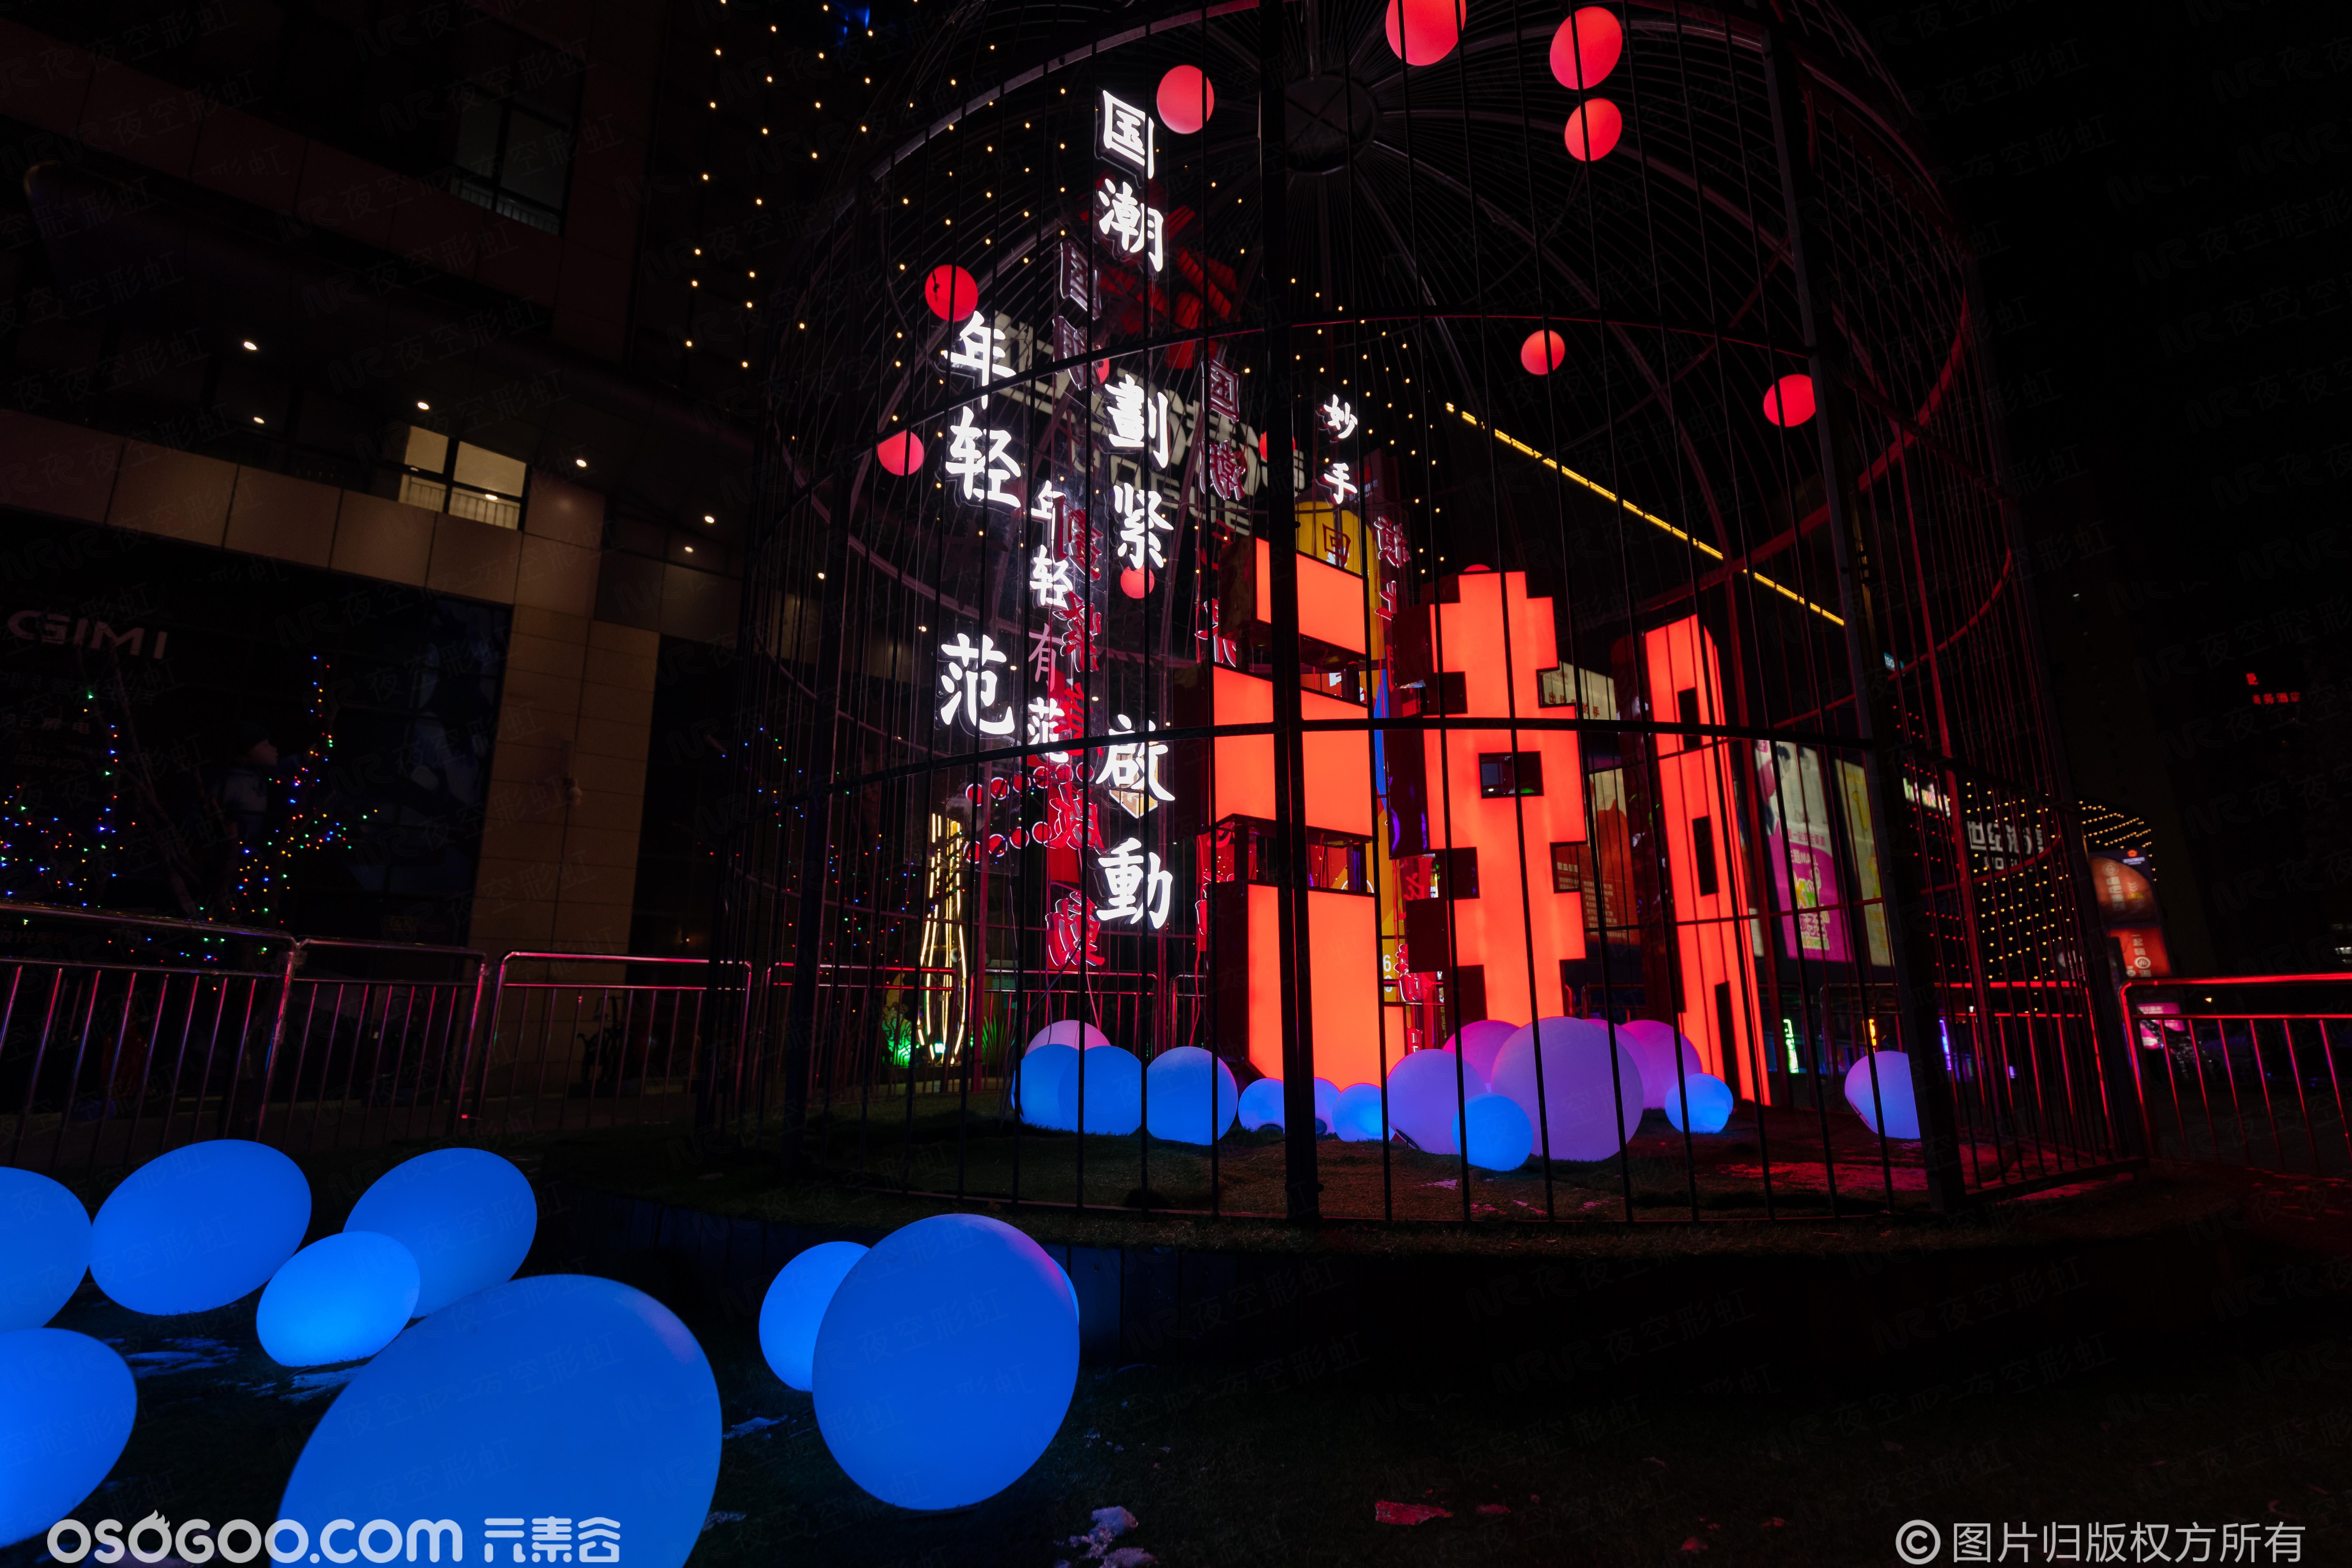 夜空彩虹【国潮】系列商业美陈分享-秦皇岛世纪港湾